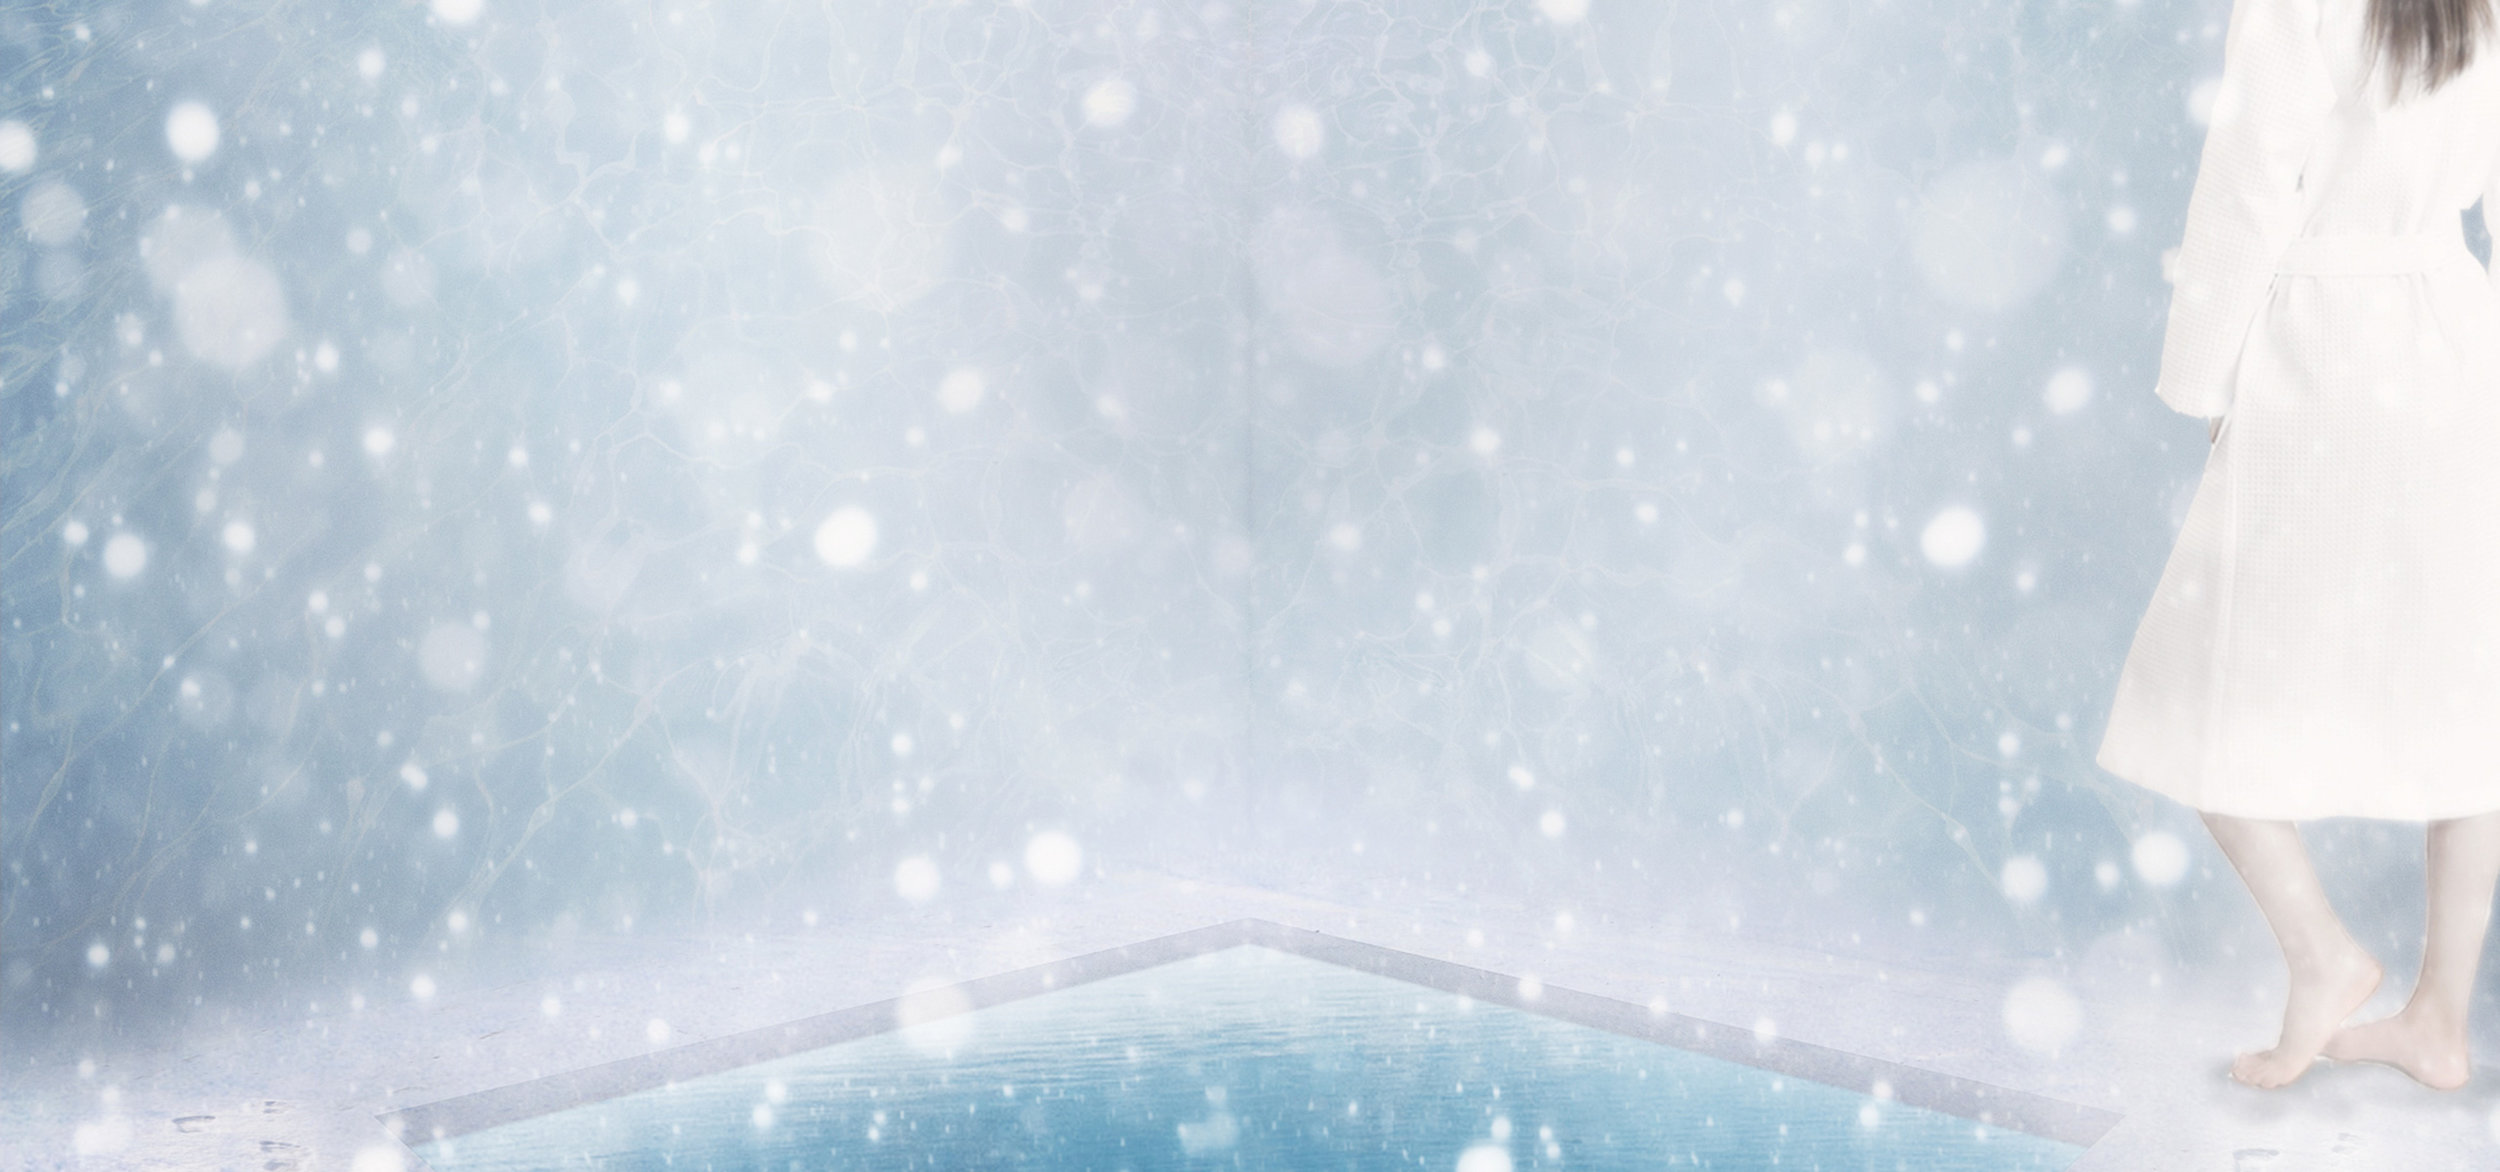 Ice Bath Spa Experience